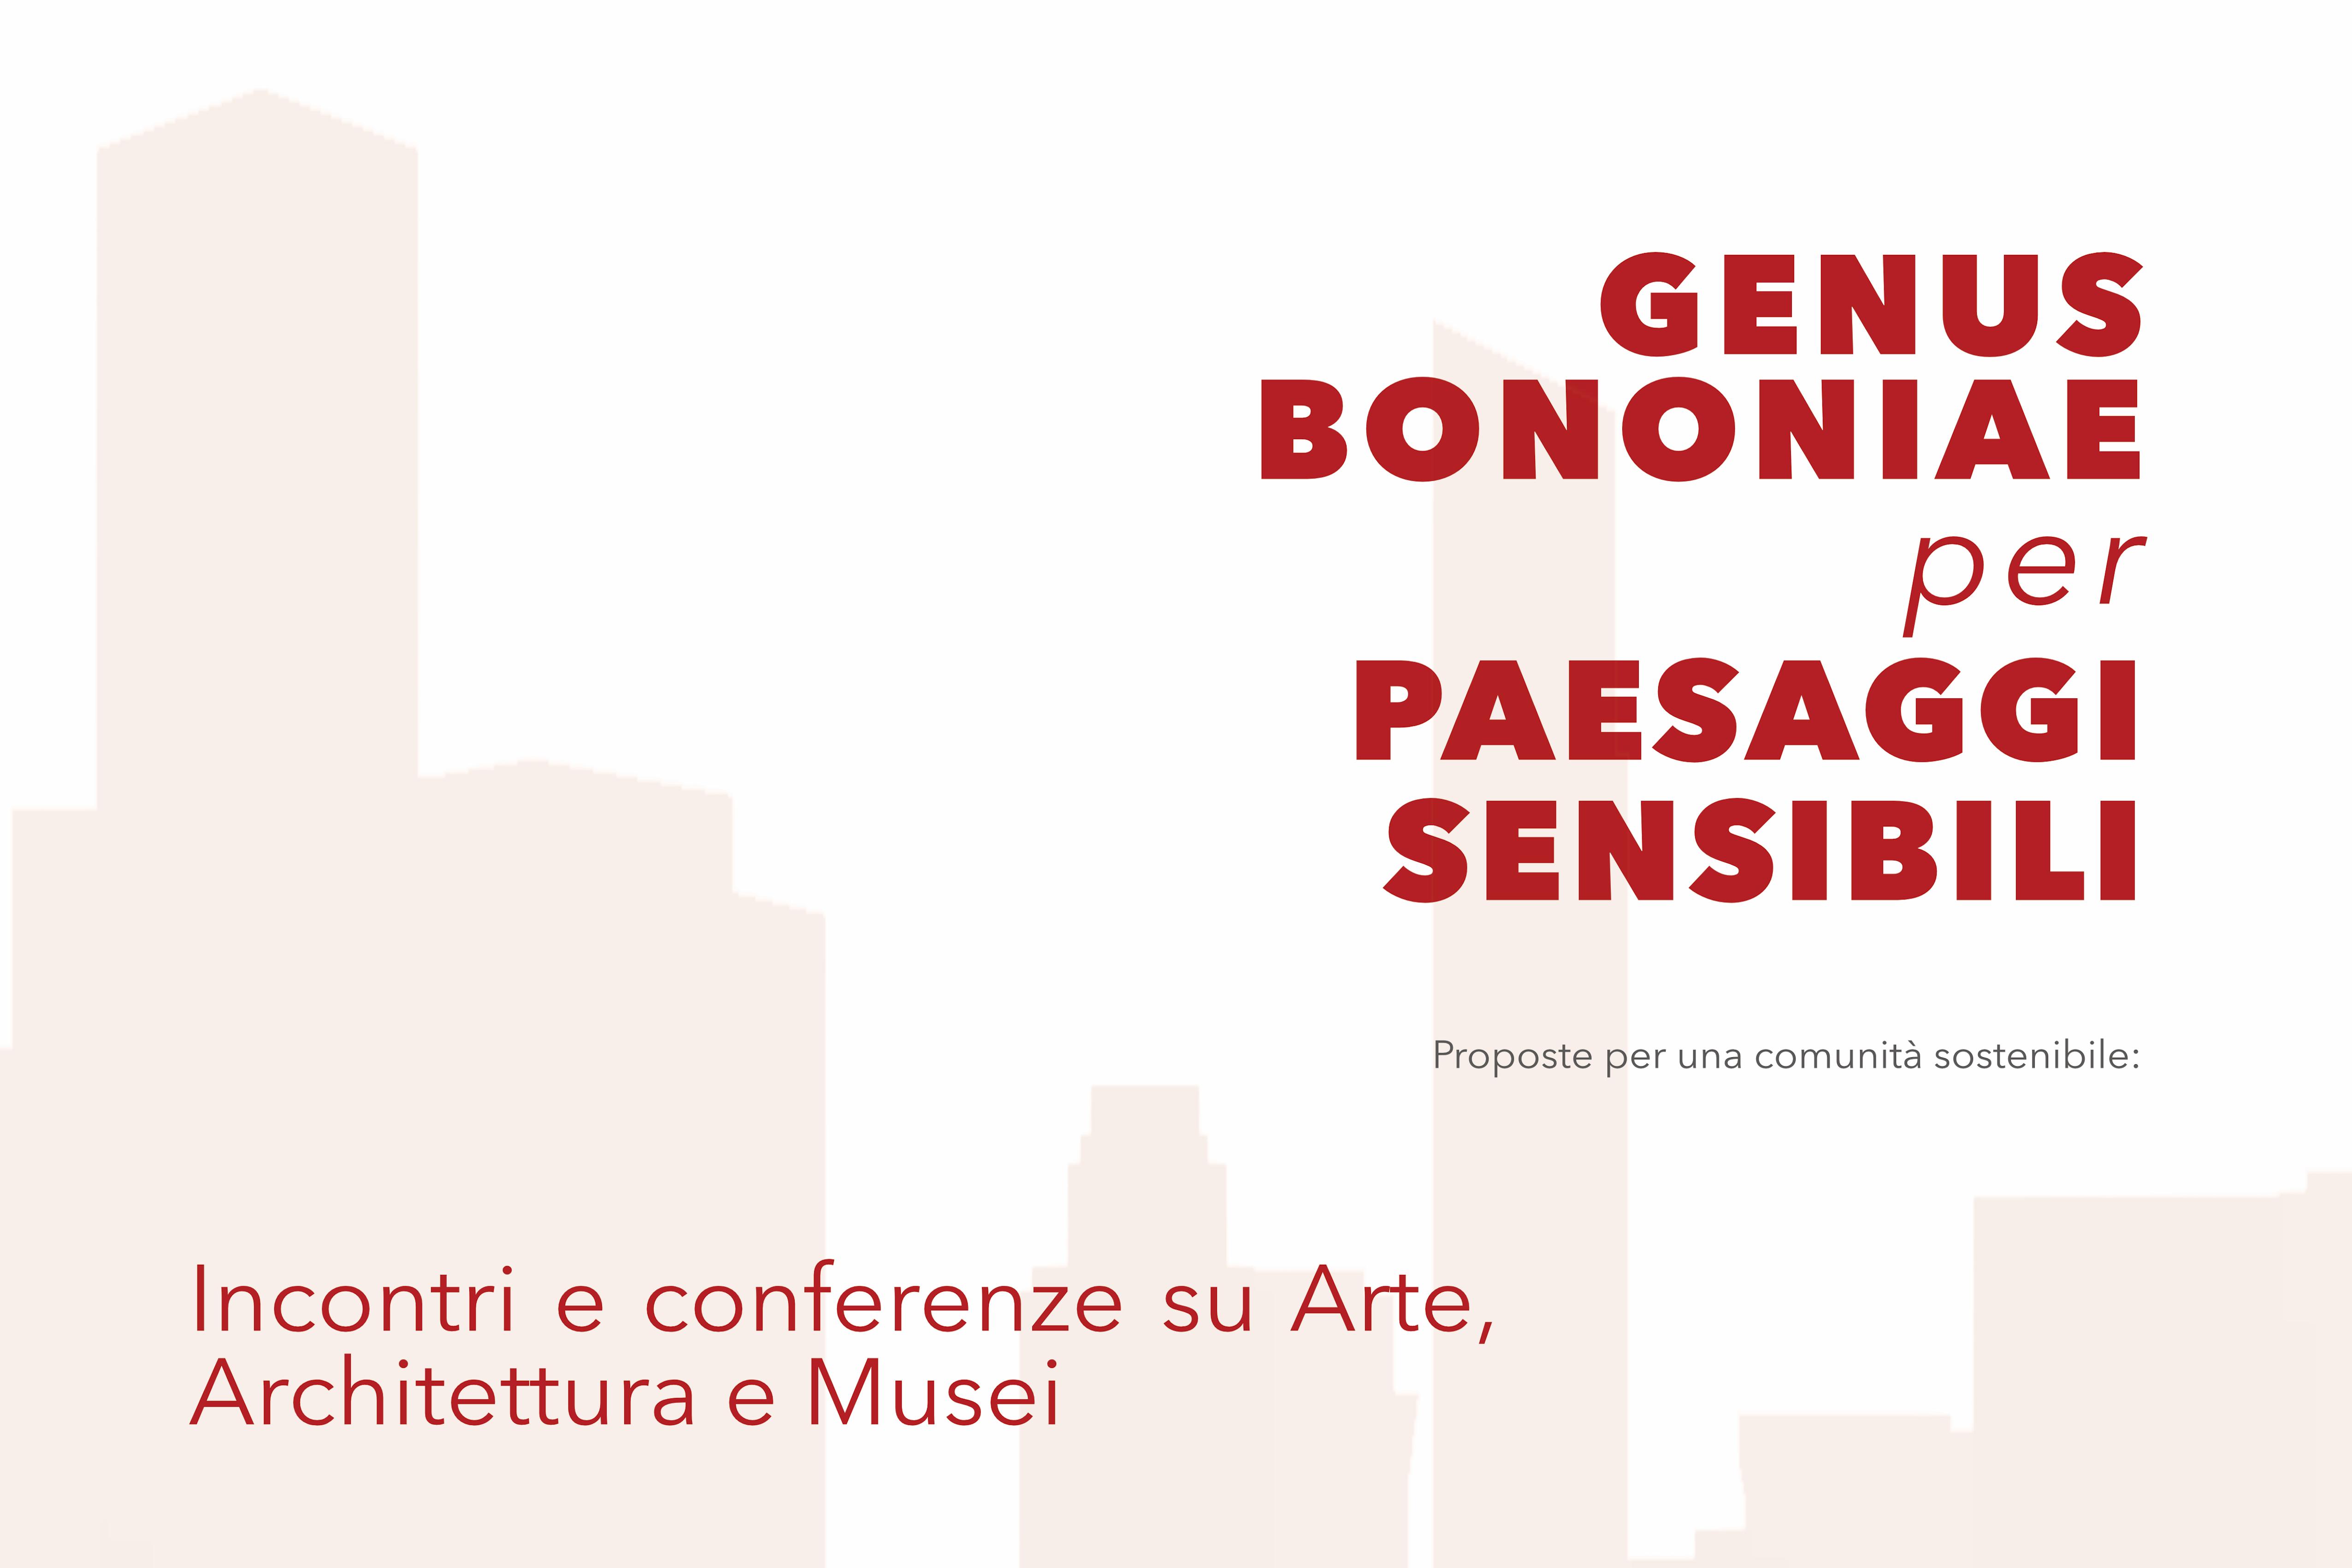 Incontri e conferenze su Arte, Architettura e Musei